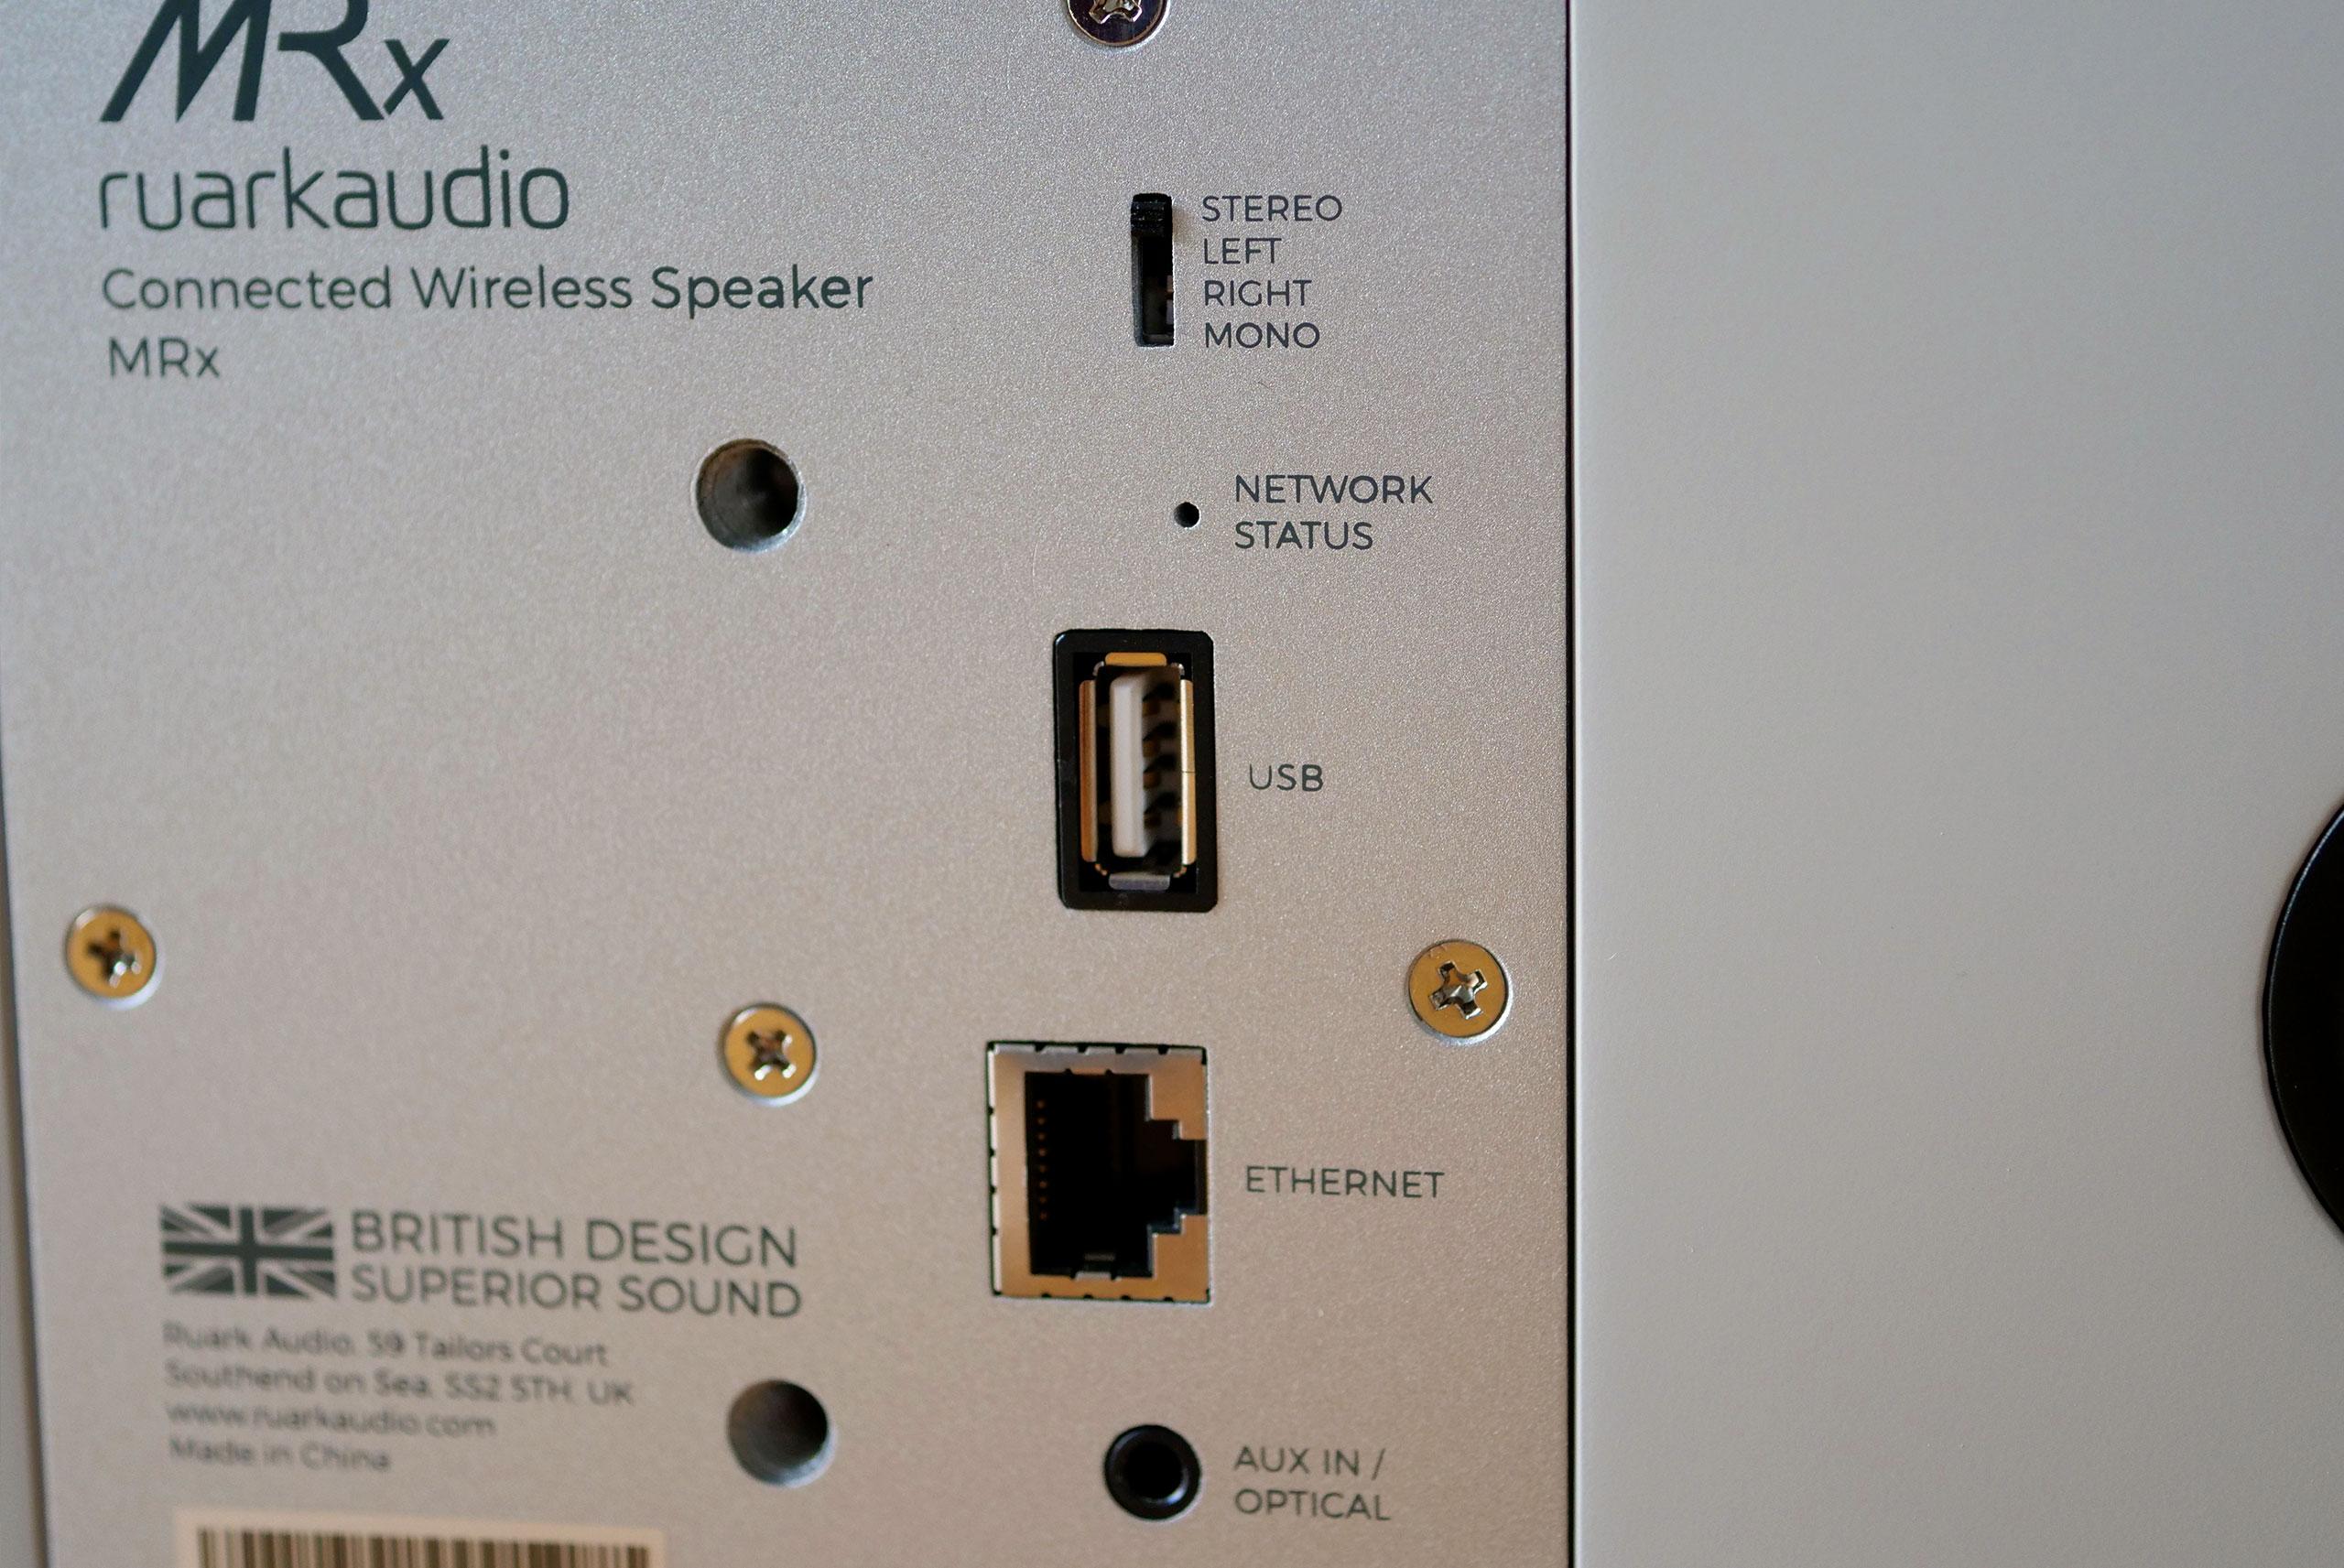 Trois connecteurs essentiels pour accéder à une multitude de sources audio: USB, Ethernet et mini-jack.